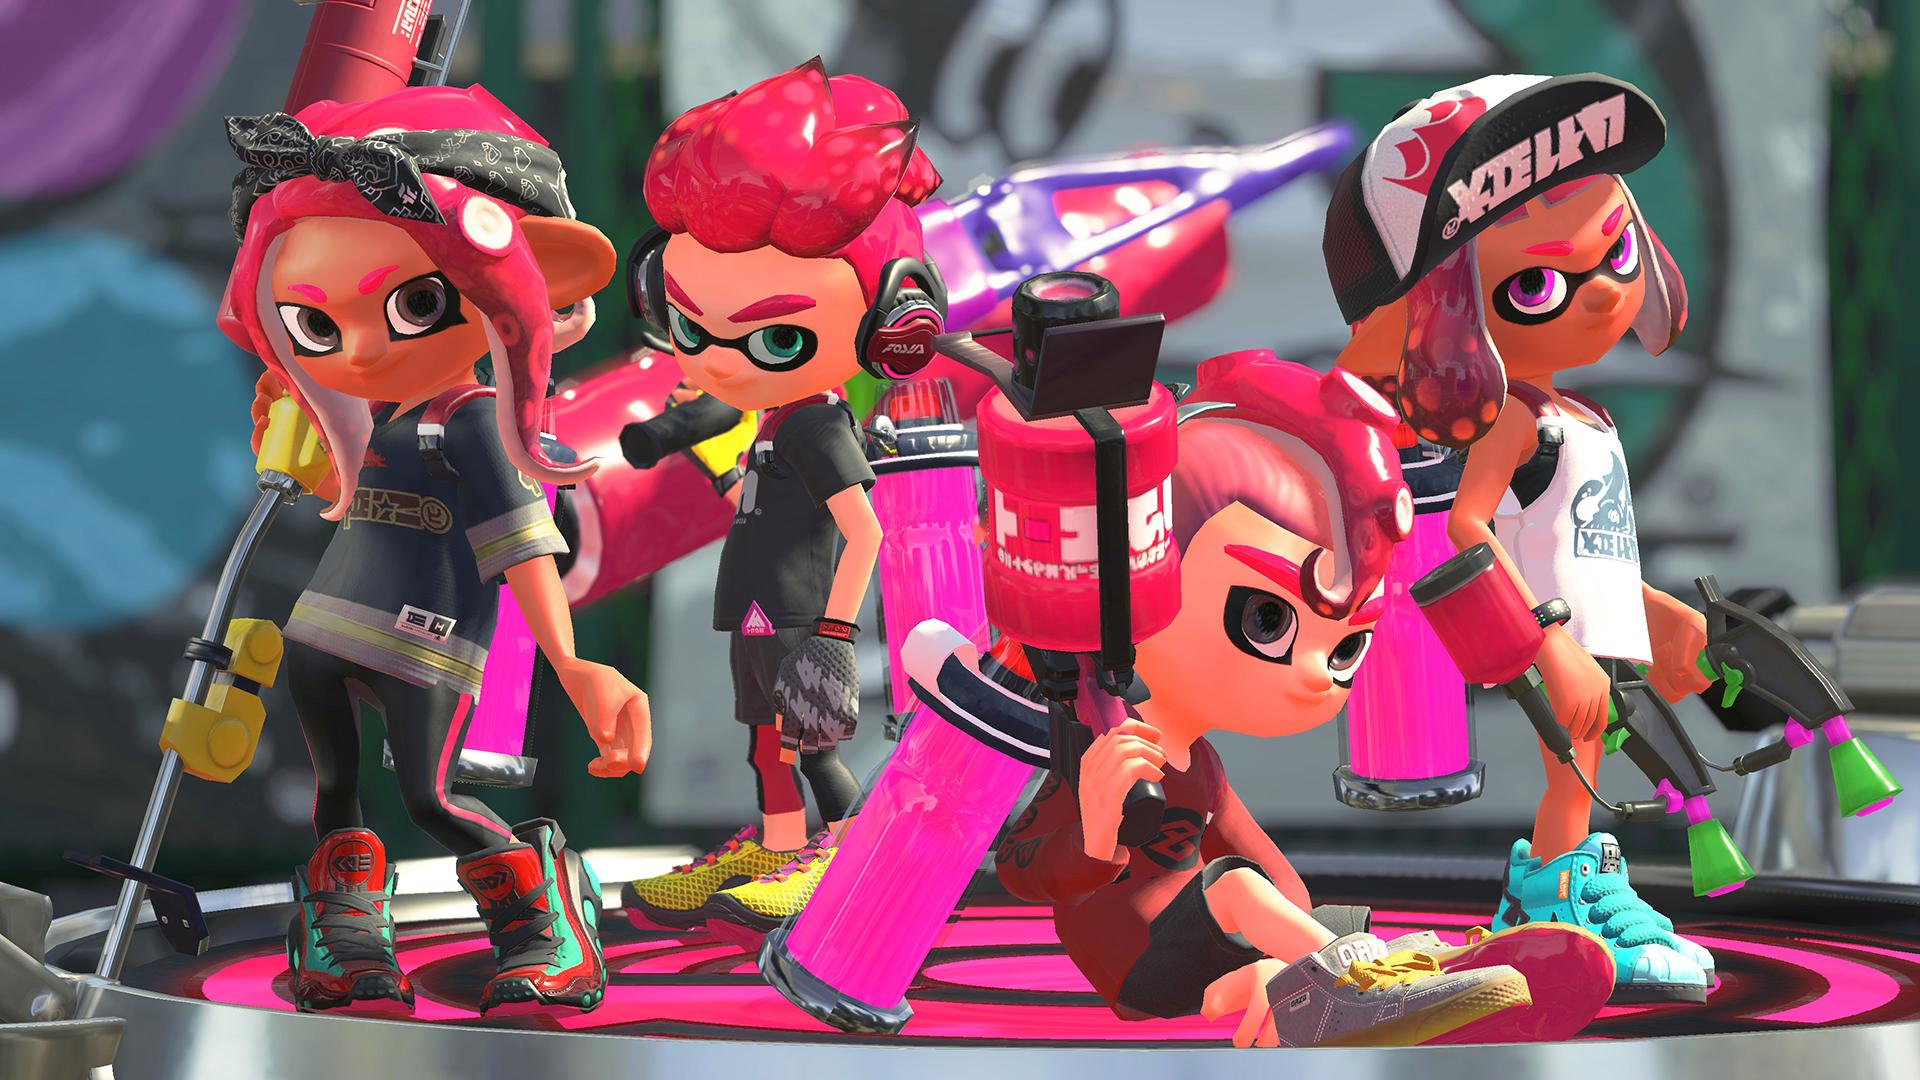 Japão: Mais de 50% dos proprietários de Switch possuem Splatoon 2